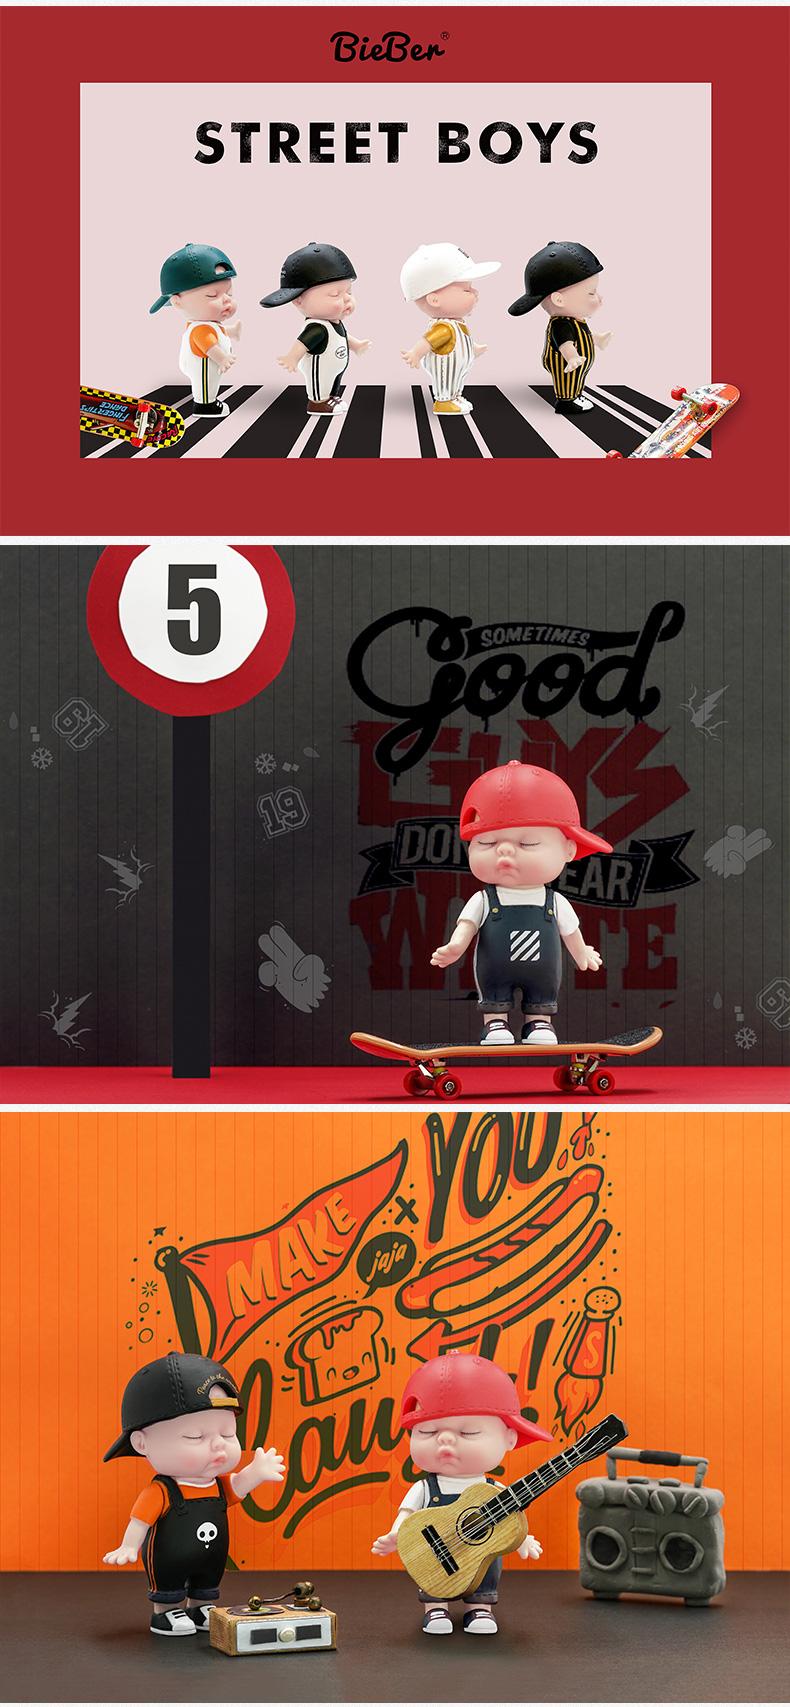 비버 베이비돌 블라인드 피규어 랜덤 박스-스트릿보이즈 - 비버, 13,800원, 캐릭터 피규어, 기타 캐릭터피규어